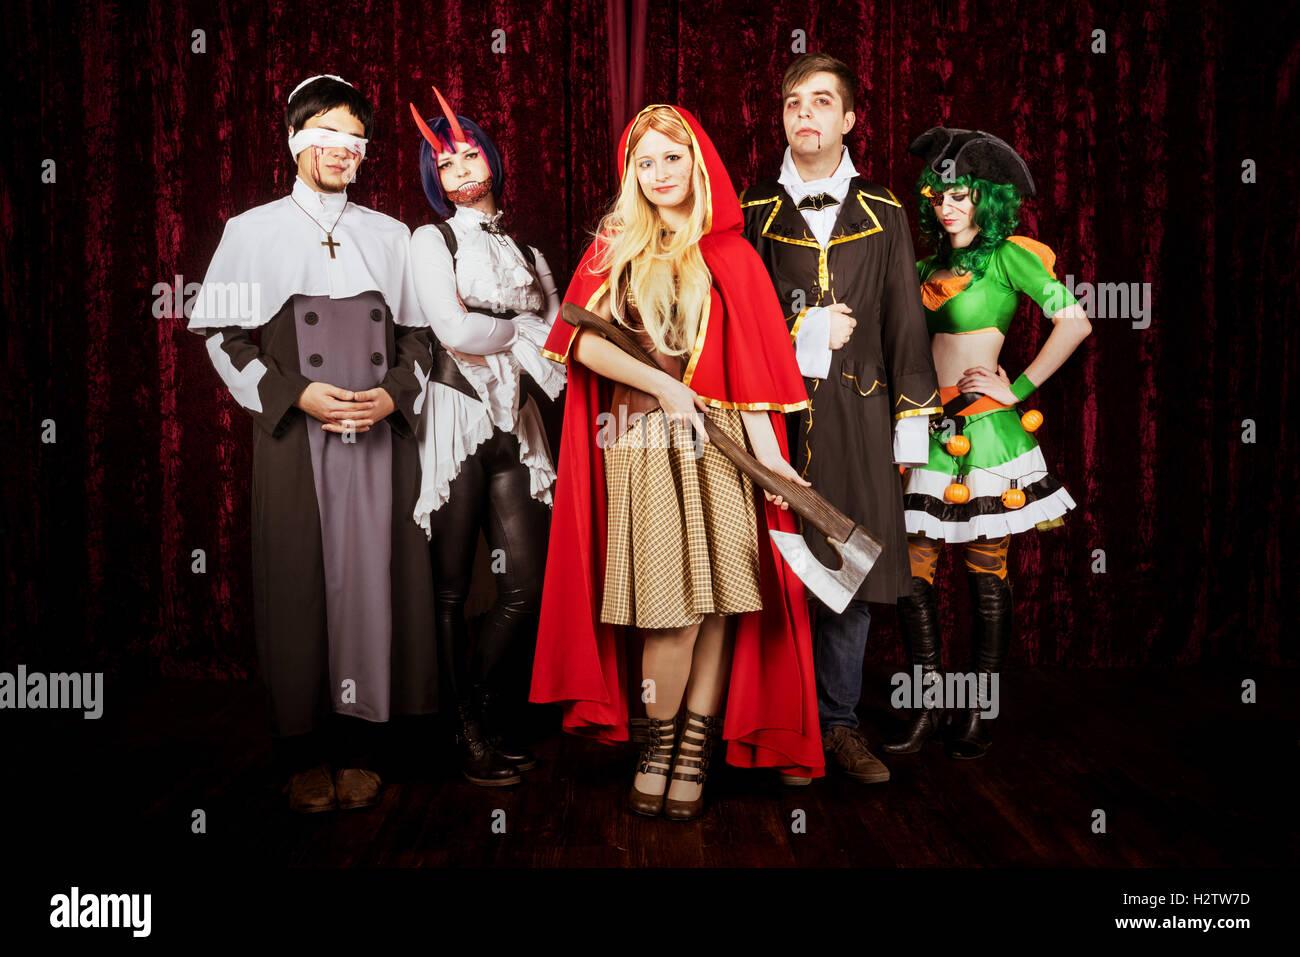 Halloween Gruppo.Gruppe Von Freunden In Halloween Kostumen Stockfoto Bild 122248545